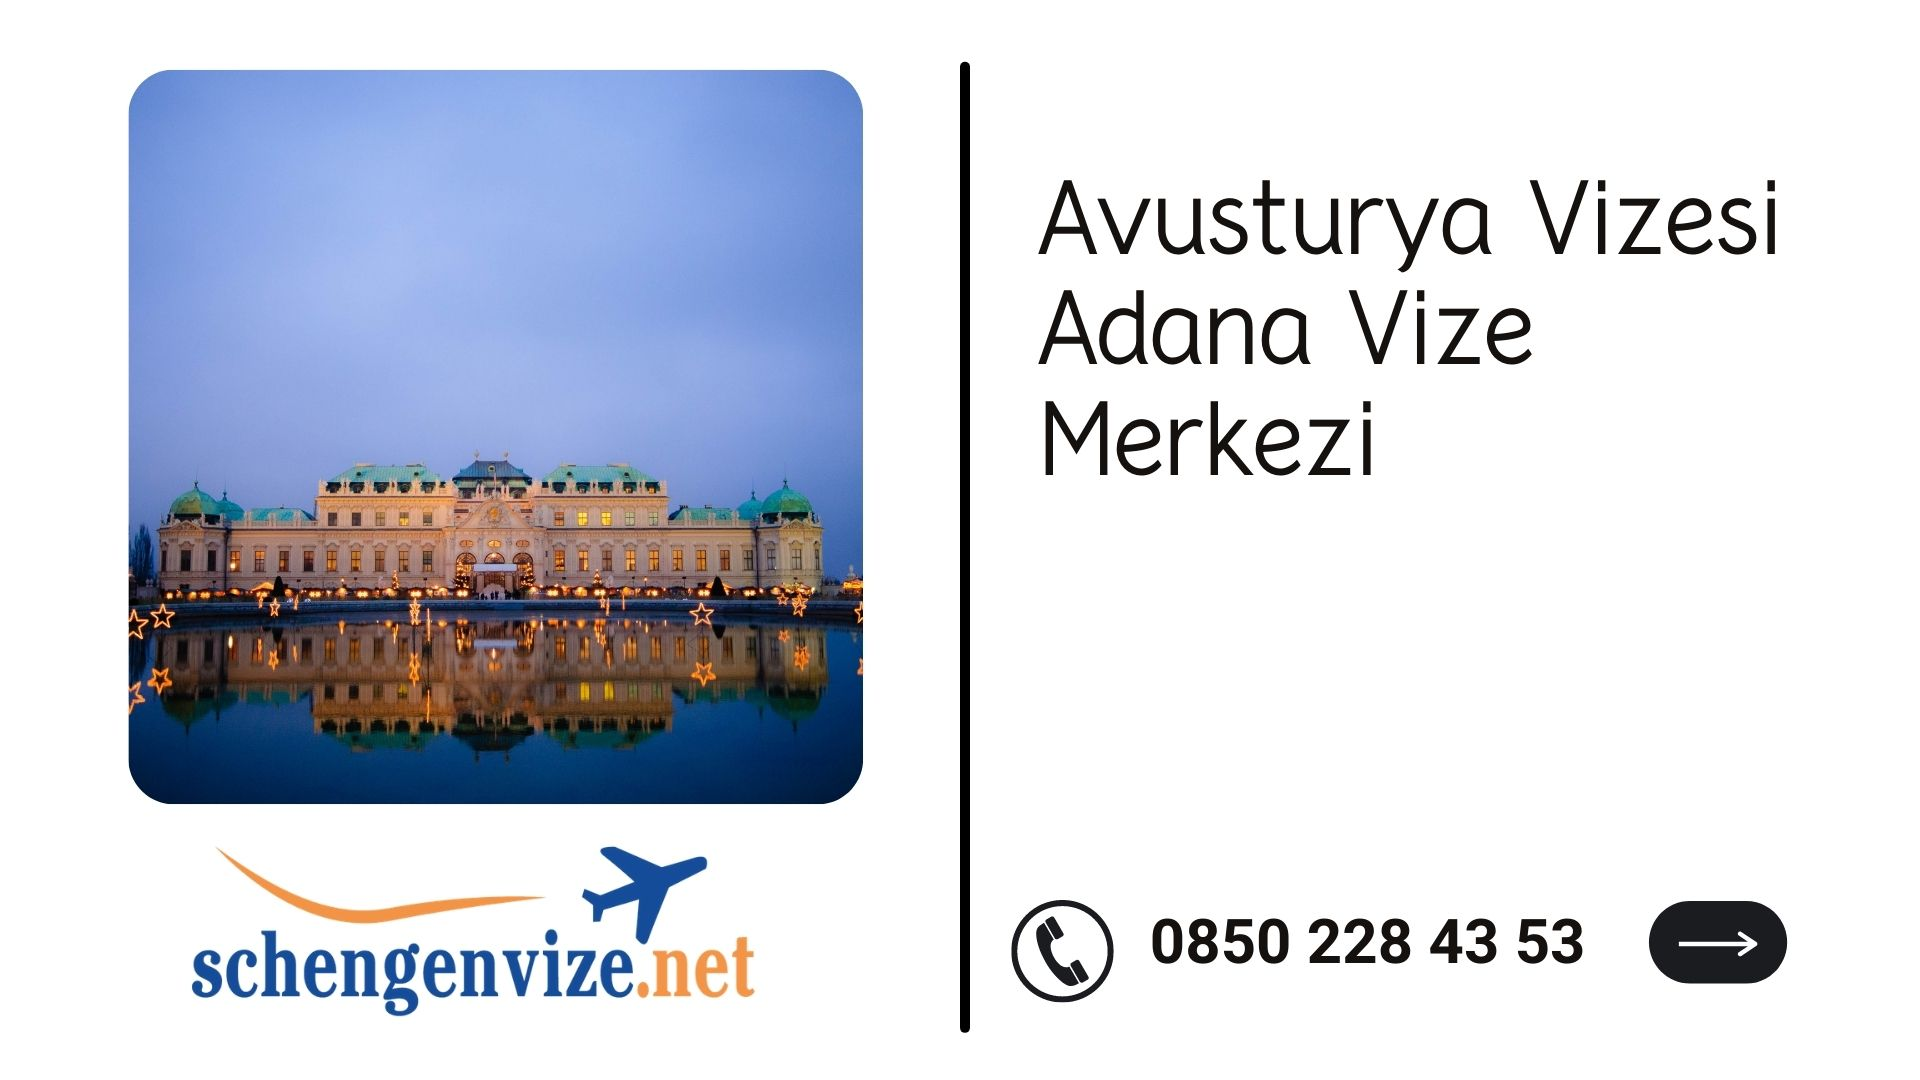 Avusturya Vizesi Adana Vize Merkezi